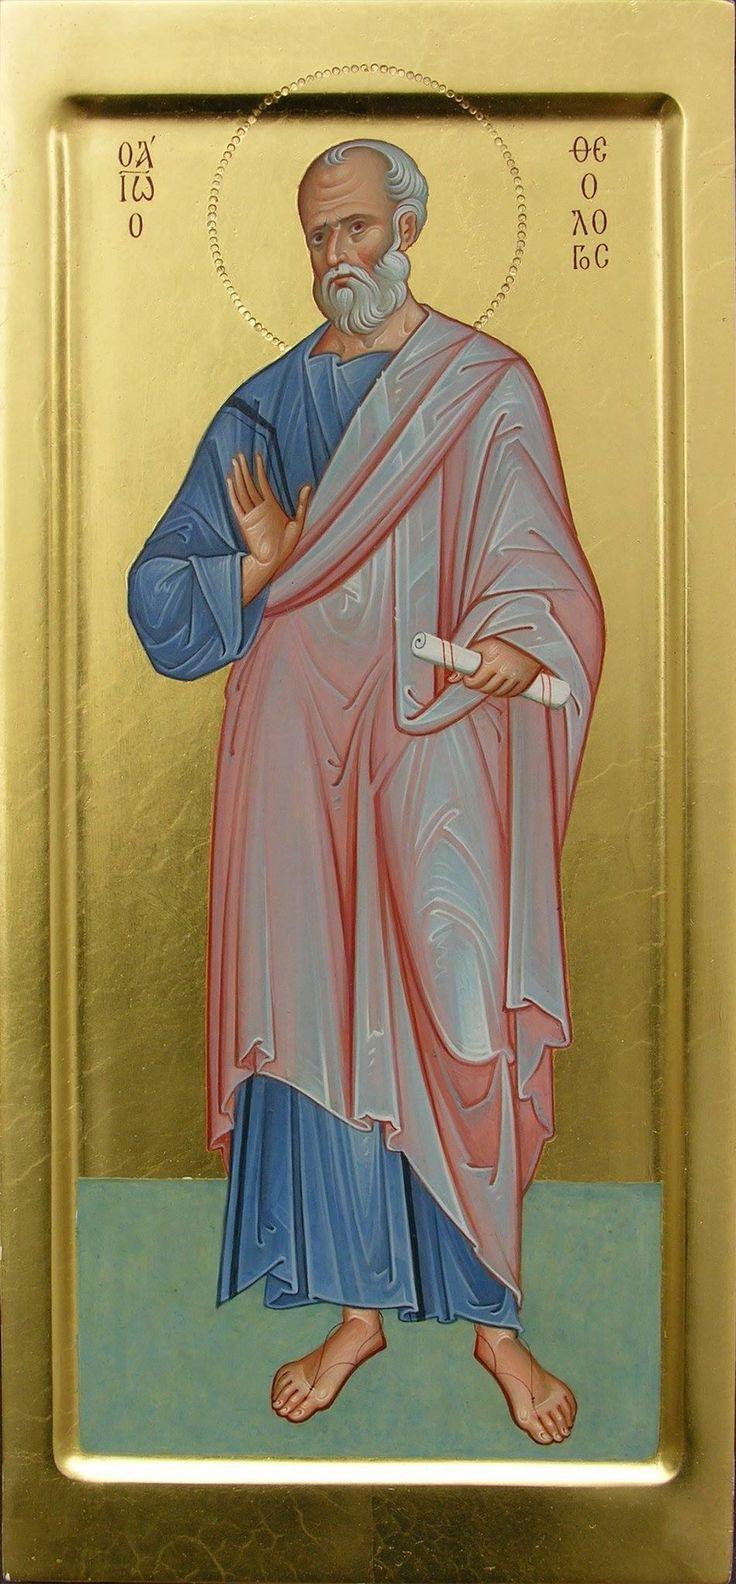 Pyhä Johannes Teologi